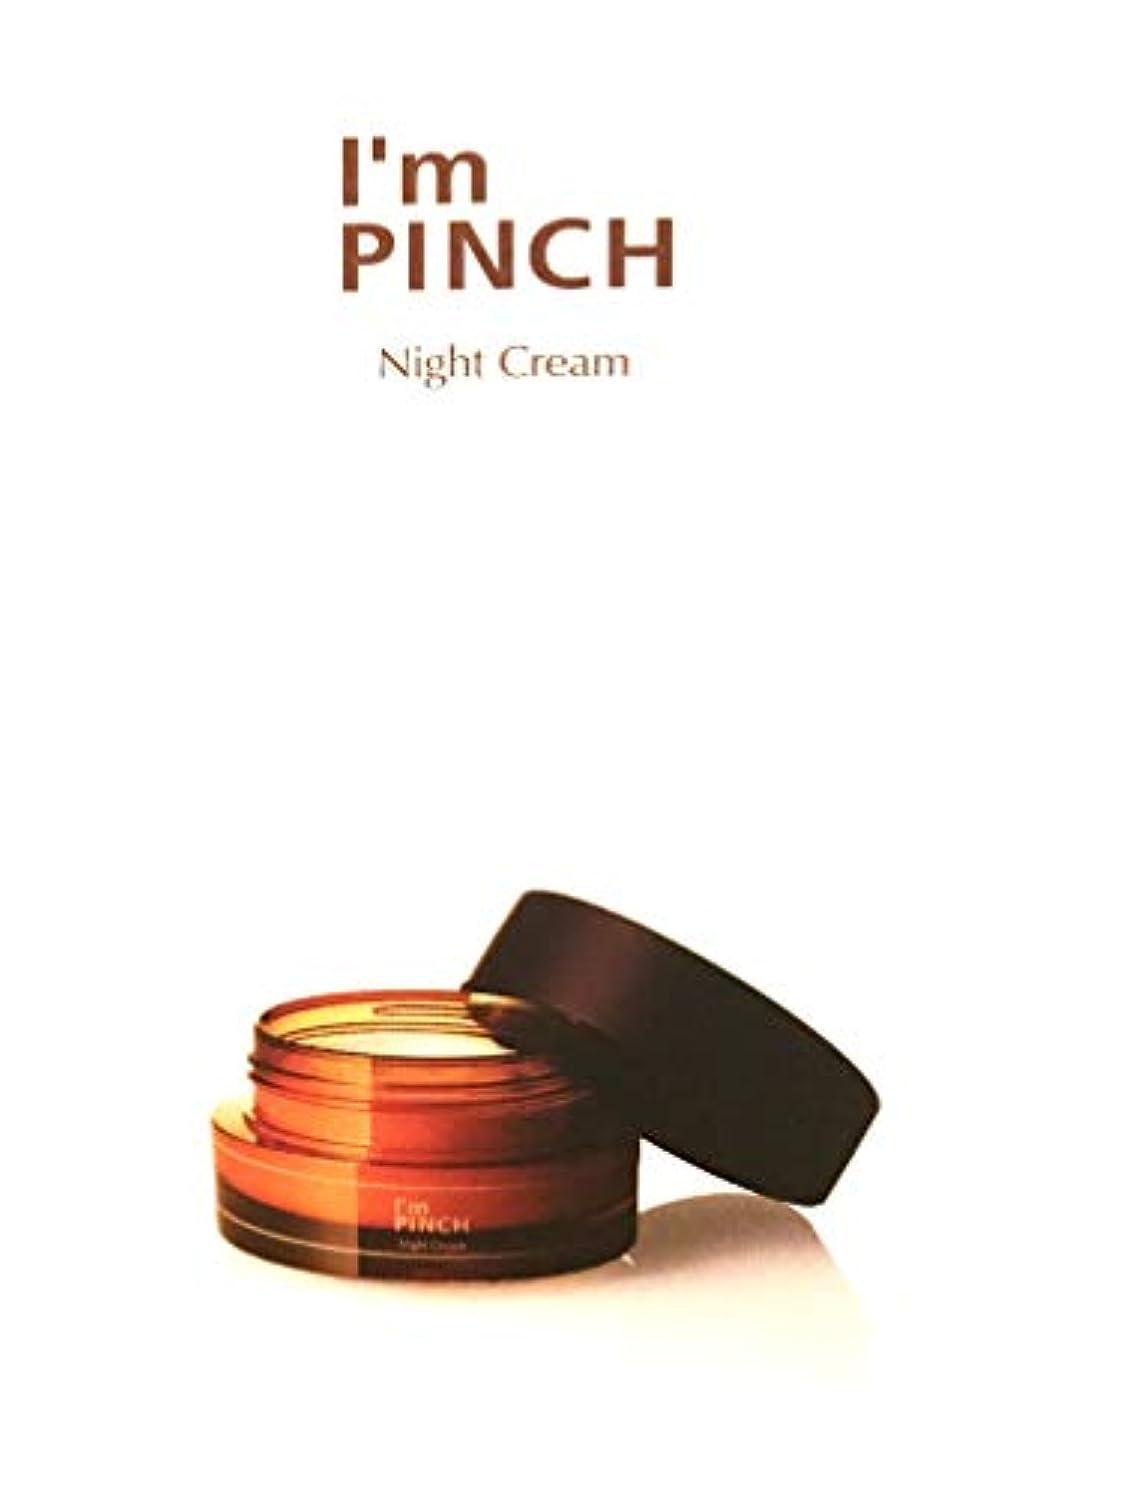 鉄道トランジスタ非互換I'm pinch アイムピンチ ナイトクリーム (夜用クリーム) 30g